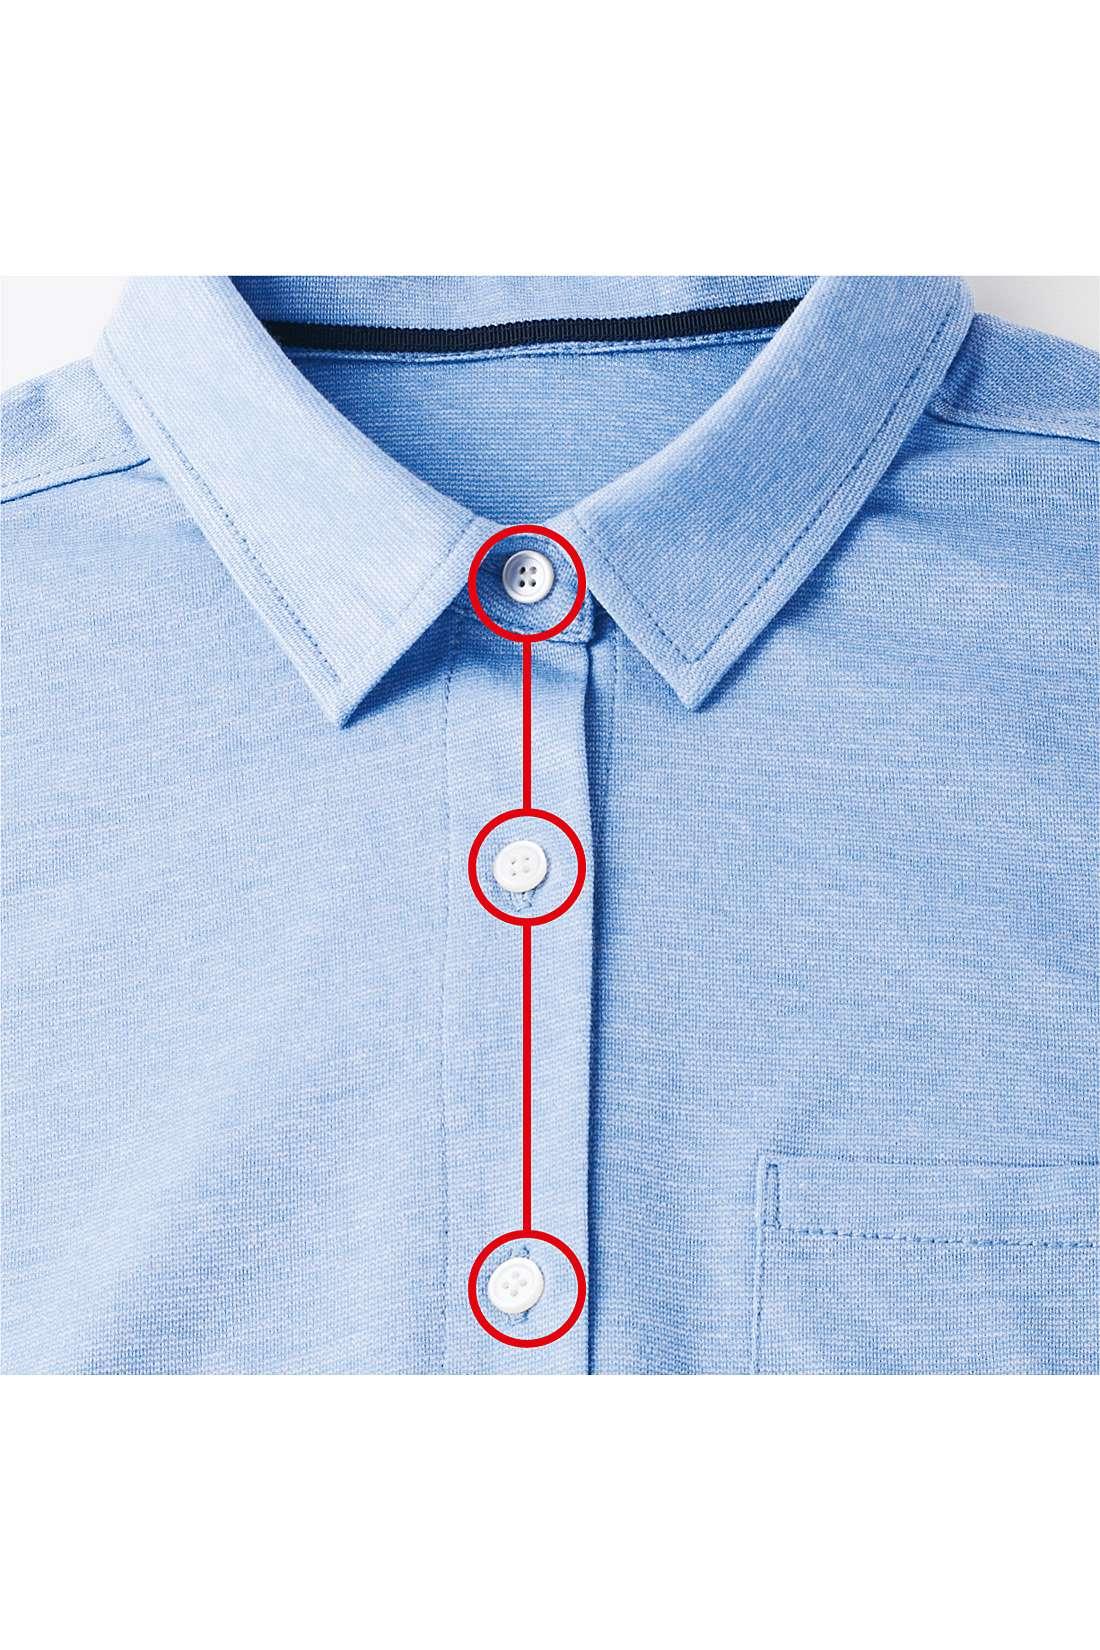 第二ボタンを開けても品よく見える絶妙なボタン配置。※着用イメージです。※お届けするカラーとは異なります。